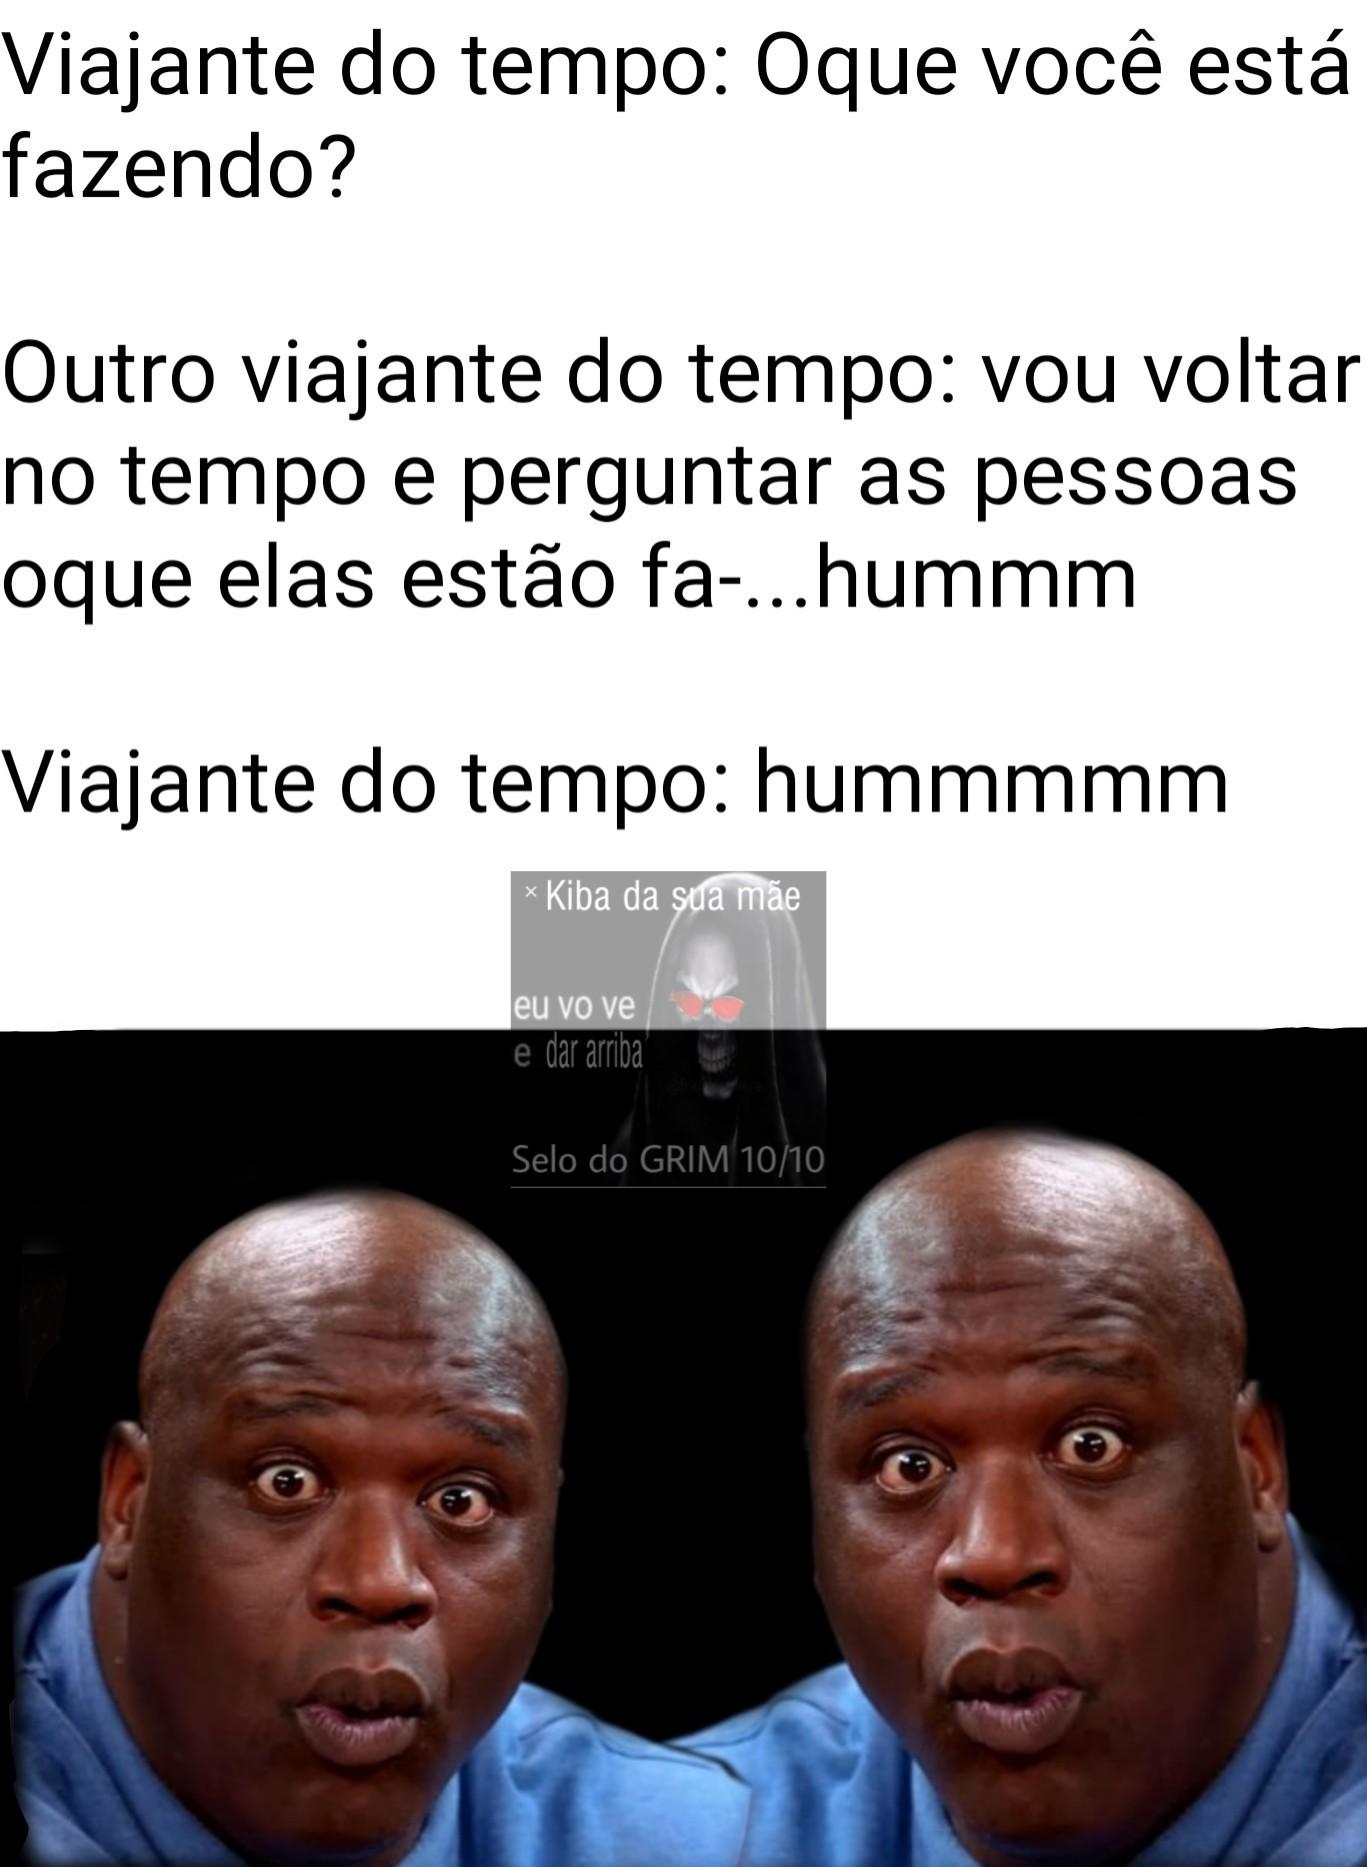 Hummmnnn - meme